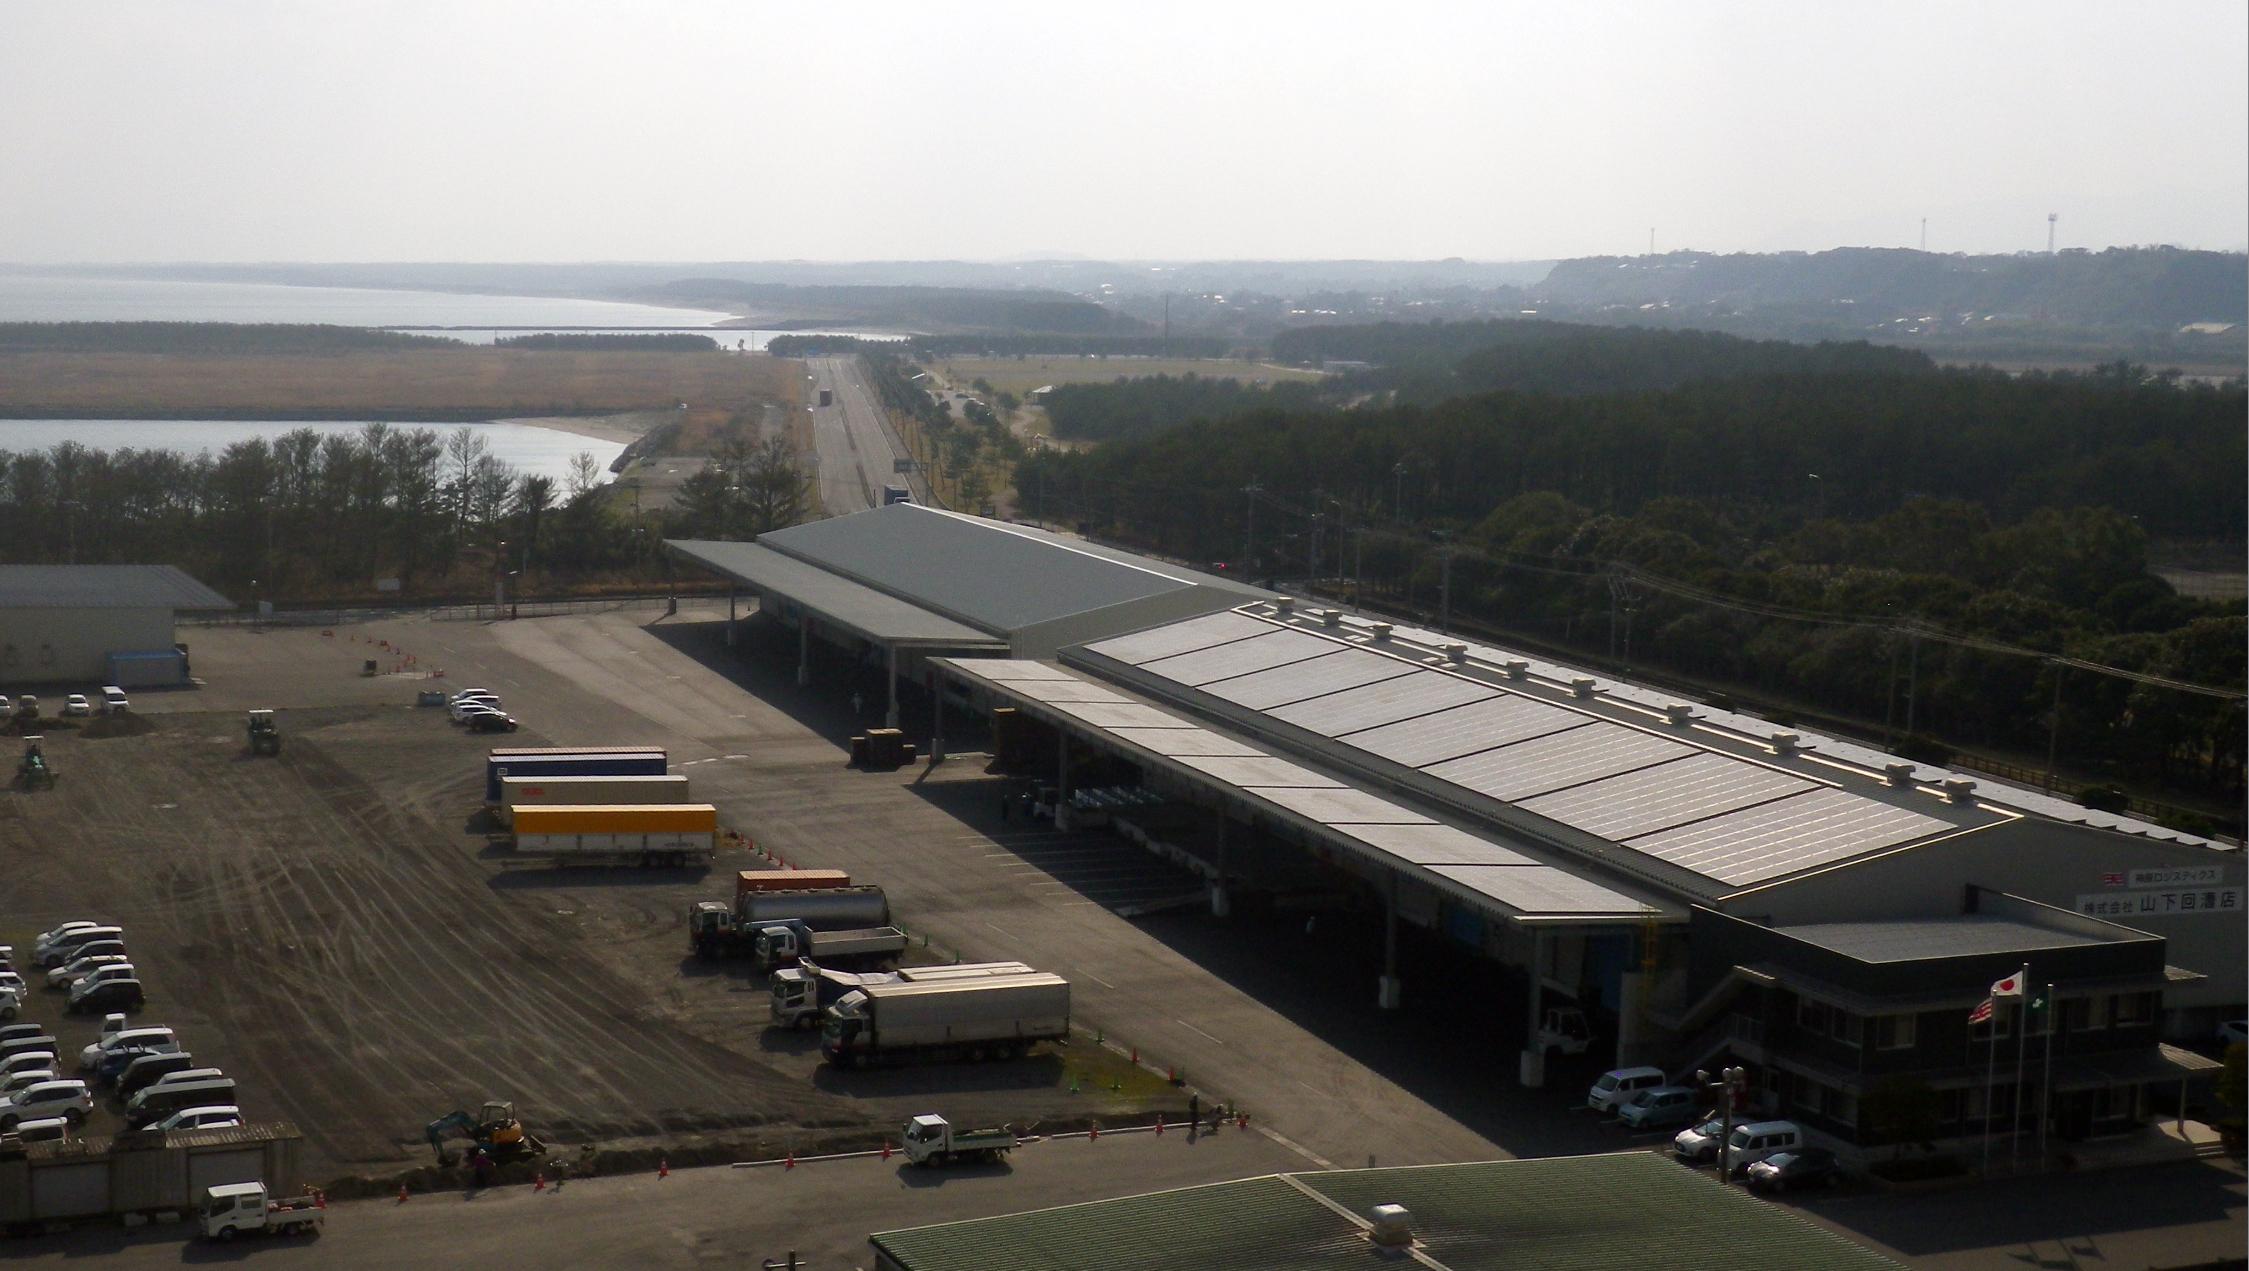 山下回漕店、山下6号倉庫を竣工 -利便性の高まる志布志港で事業を拡大-